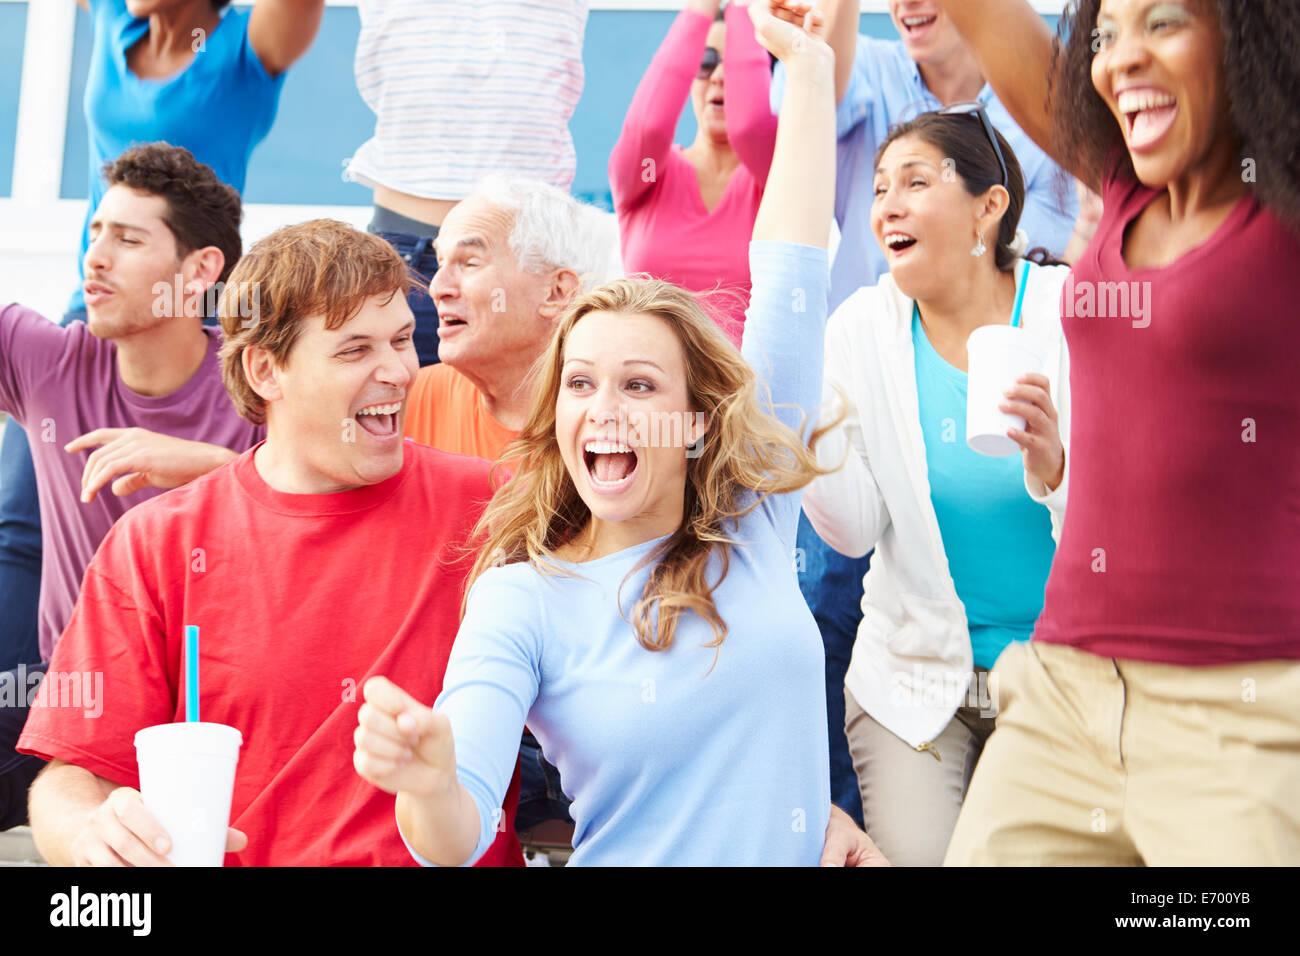 Zuschauer beim Outdoor-Sportevent feiern Stockbild